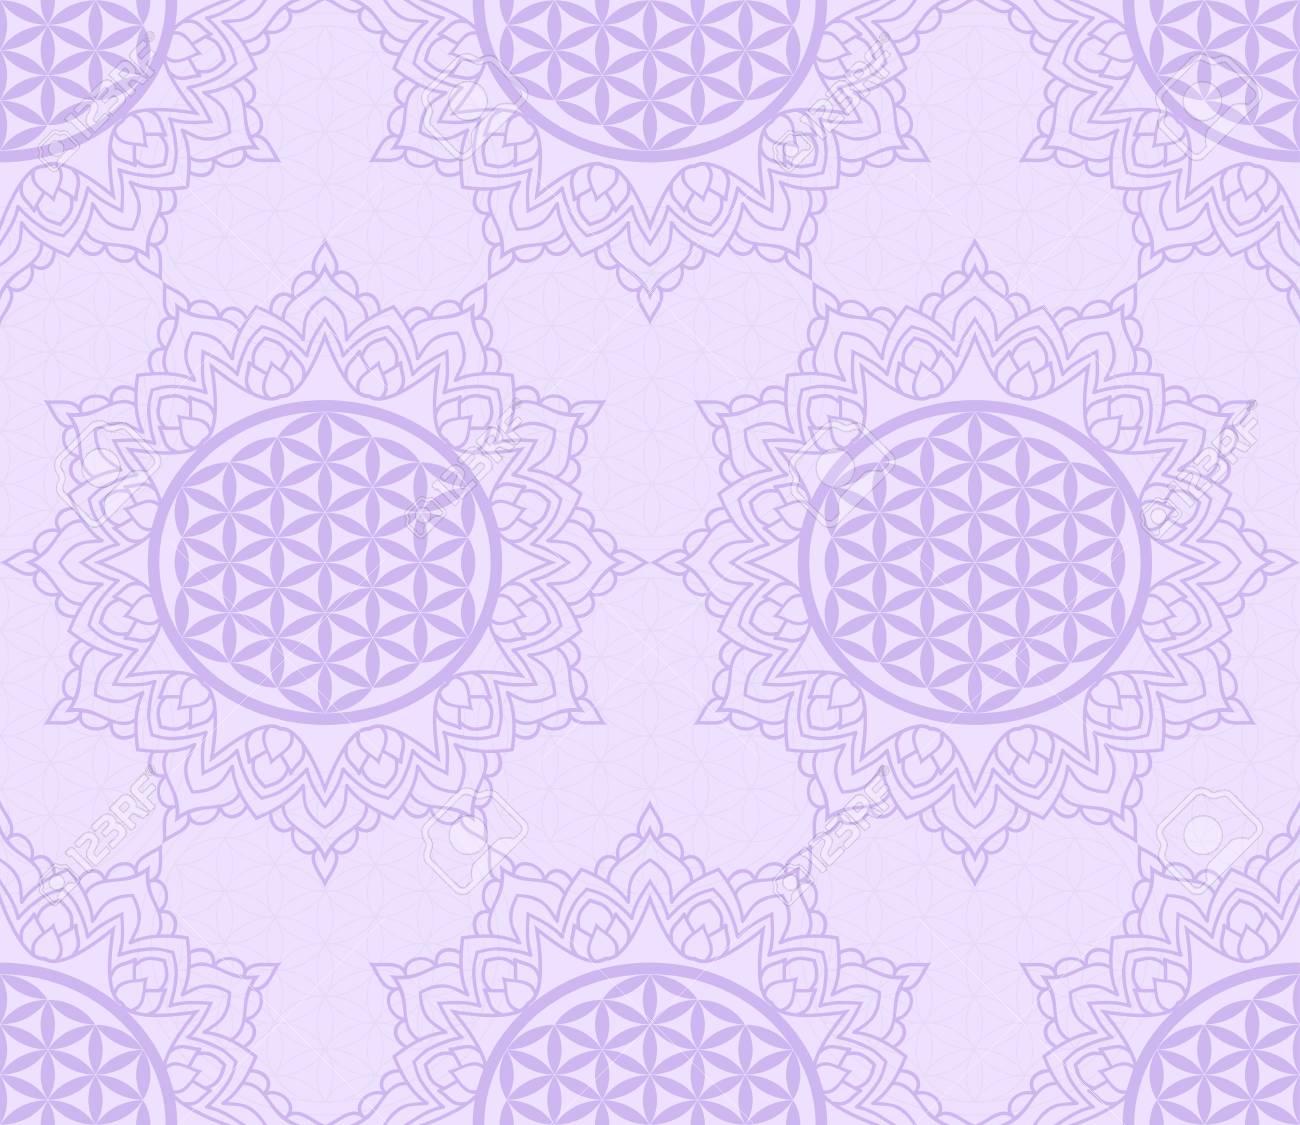 Sin Patrón Con Un Símbolo Púrpura De La Flor De La Vida En El Marco